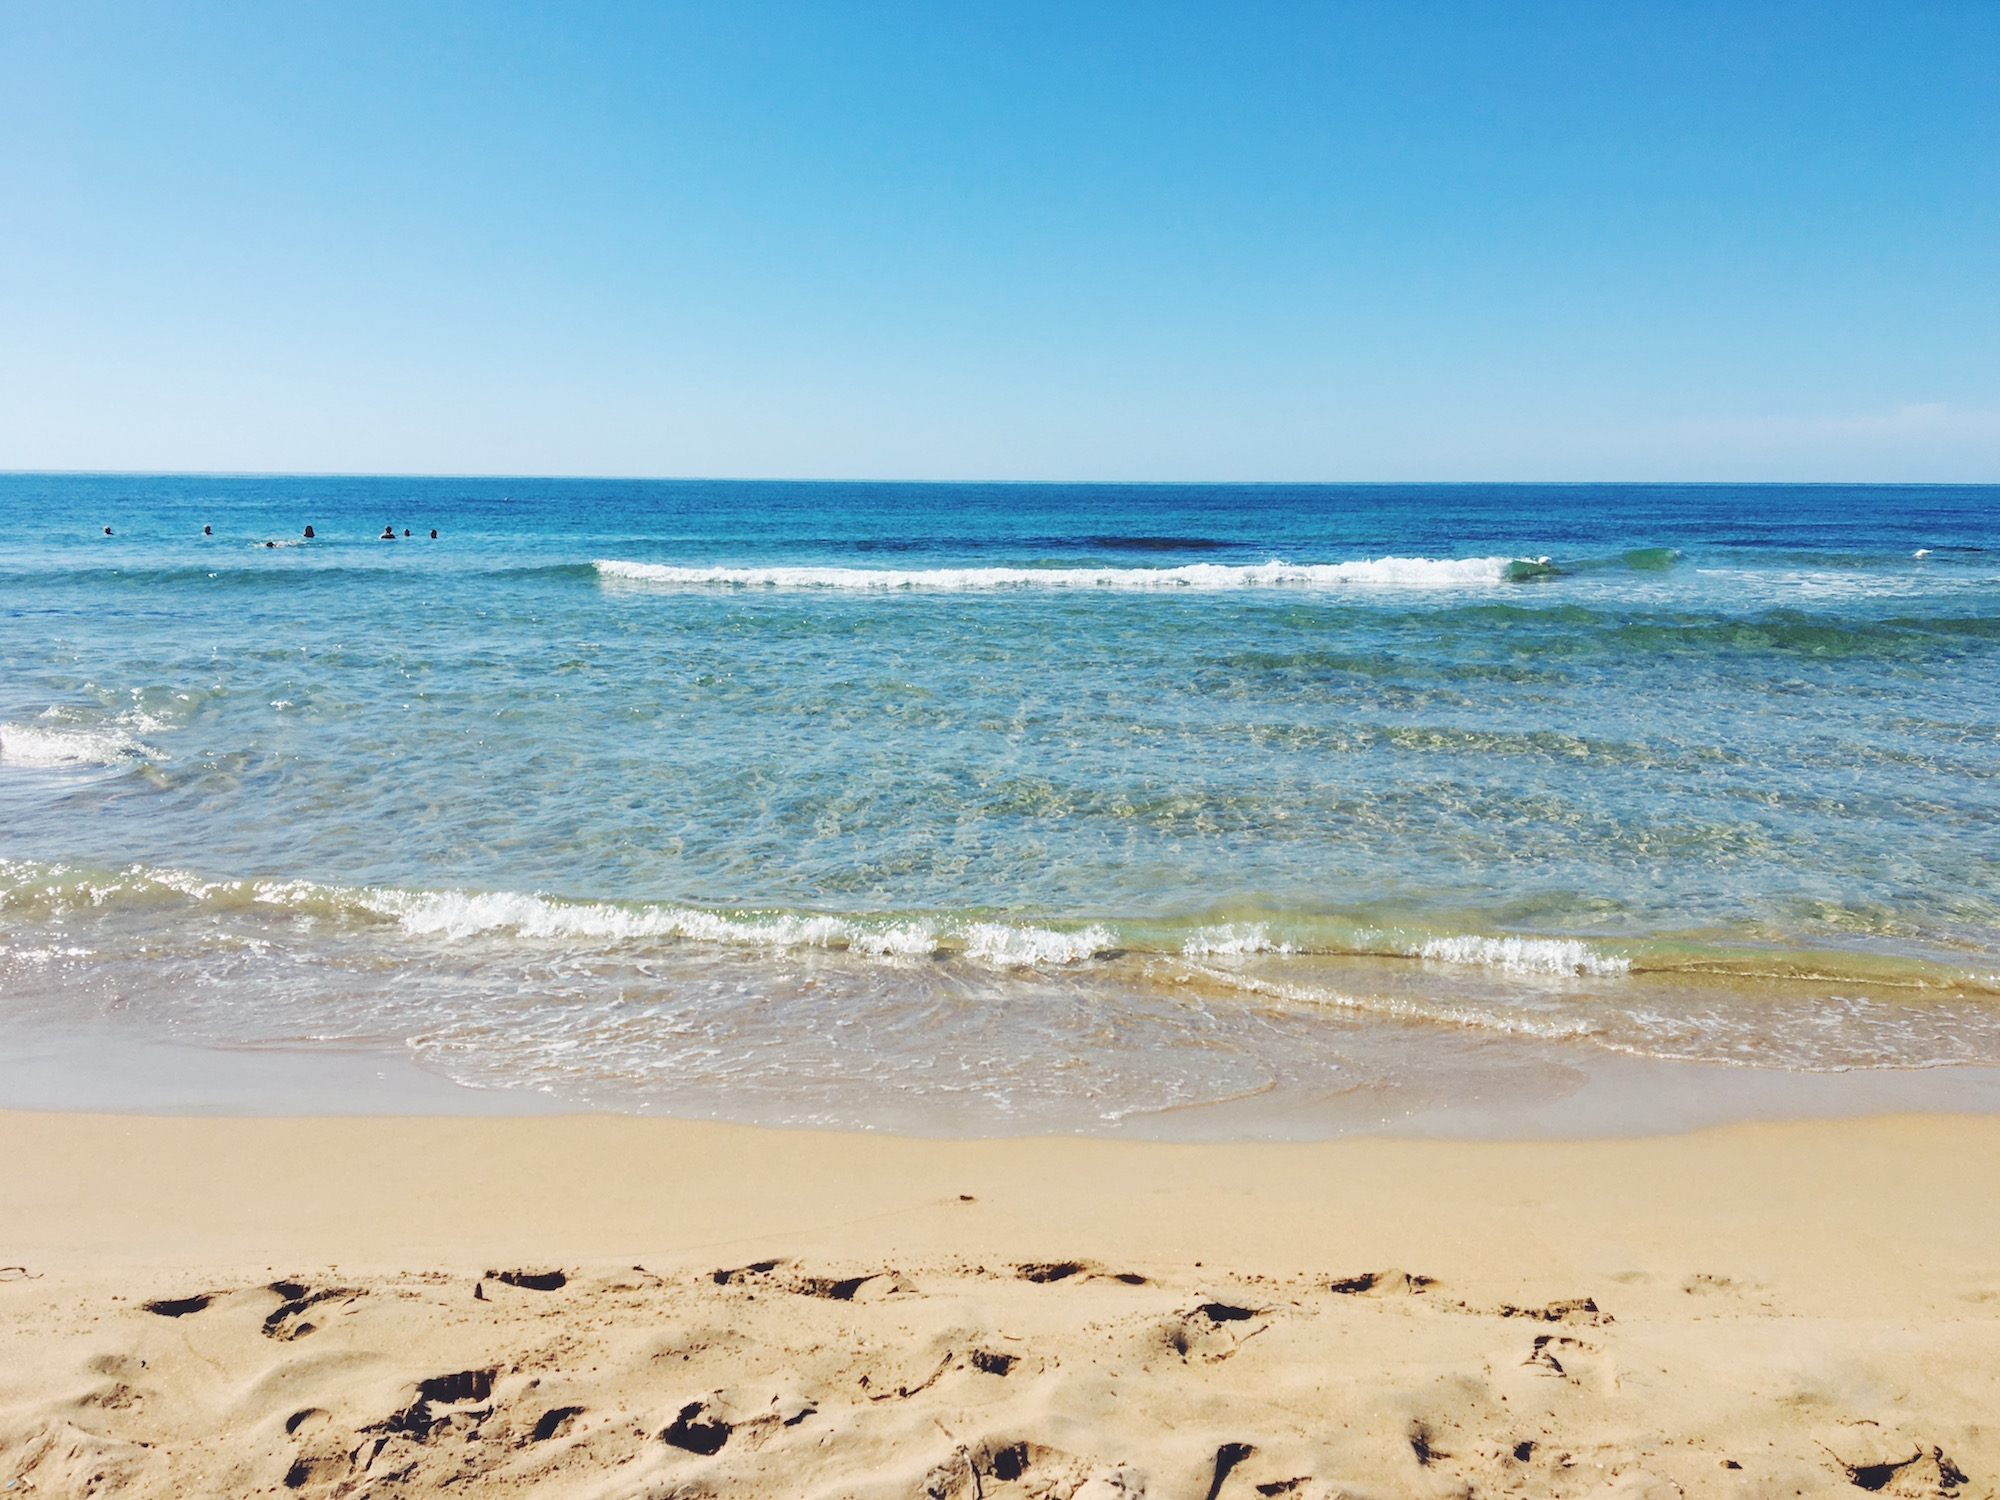 Spiaggia di Carratois, la mia preferita